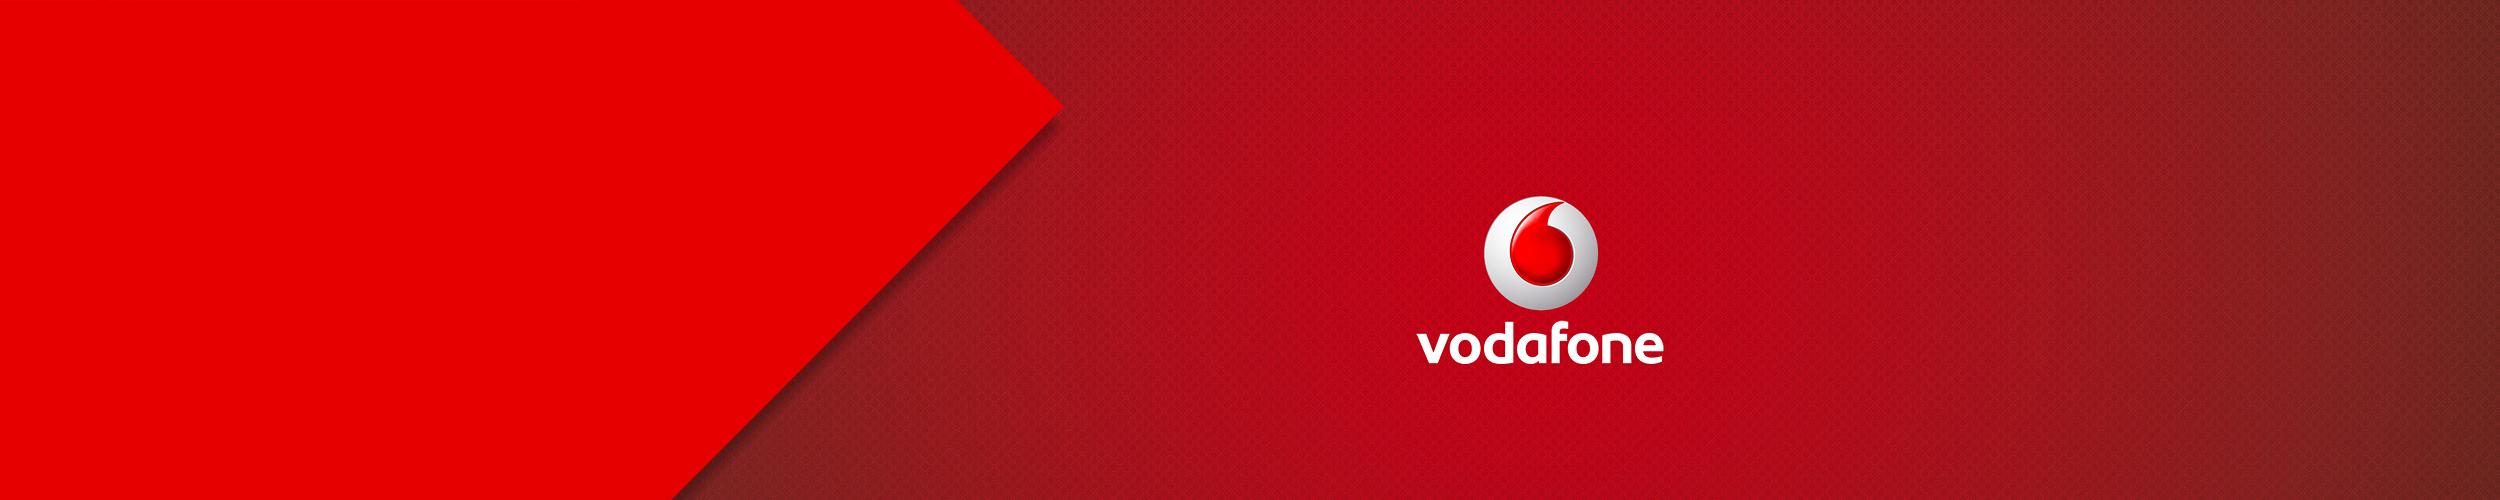 Resultaat Vodafone Nederland: minder klanten bij gelijke omzet - PHC